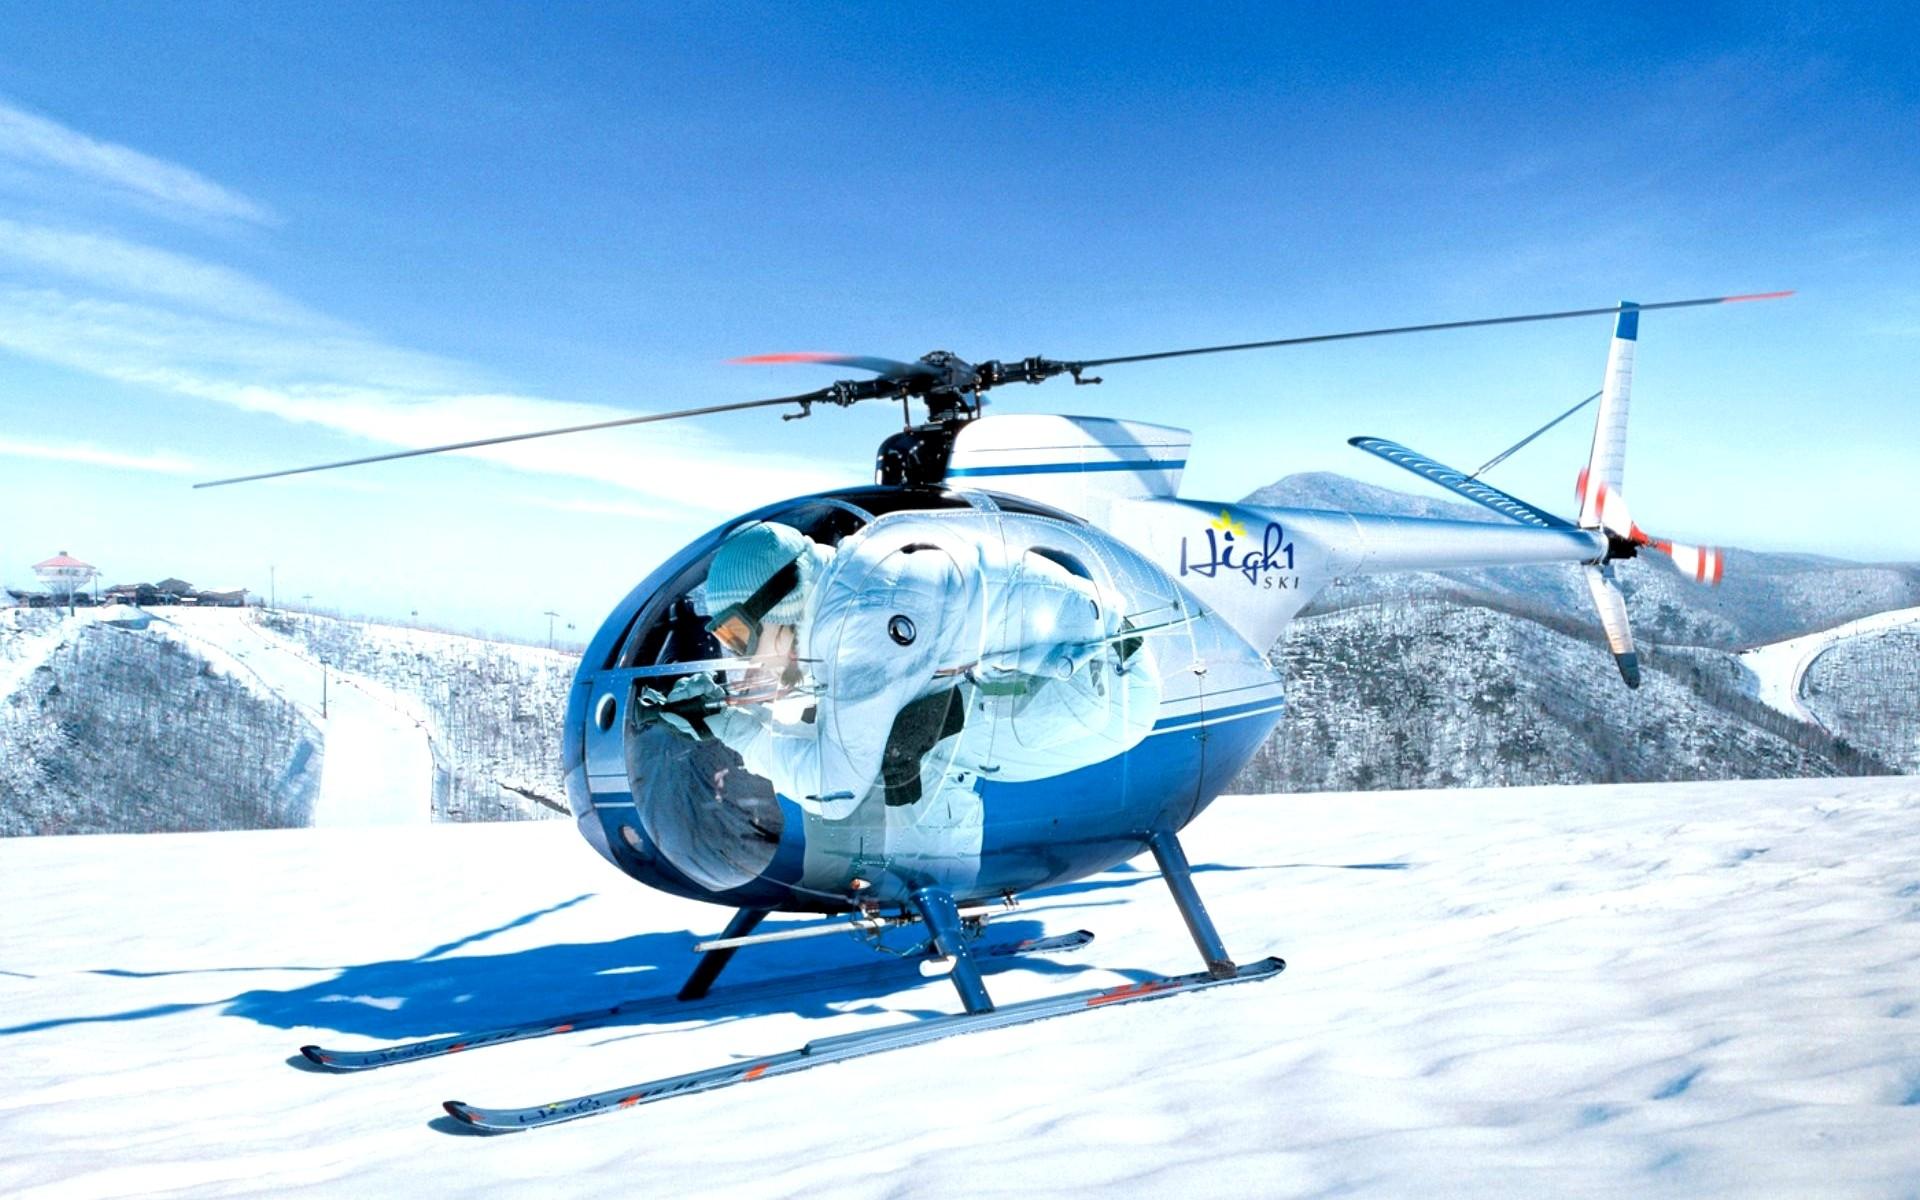 Un helicóptero en la nieve - 1920x1200